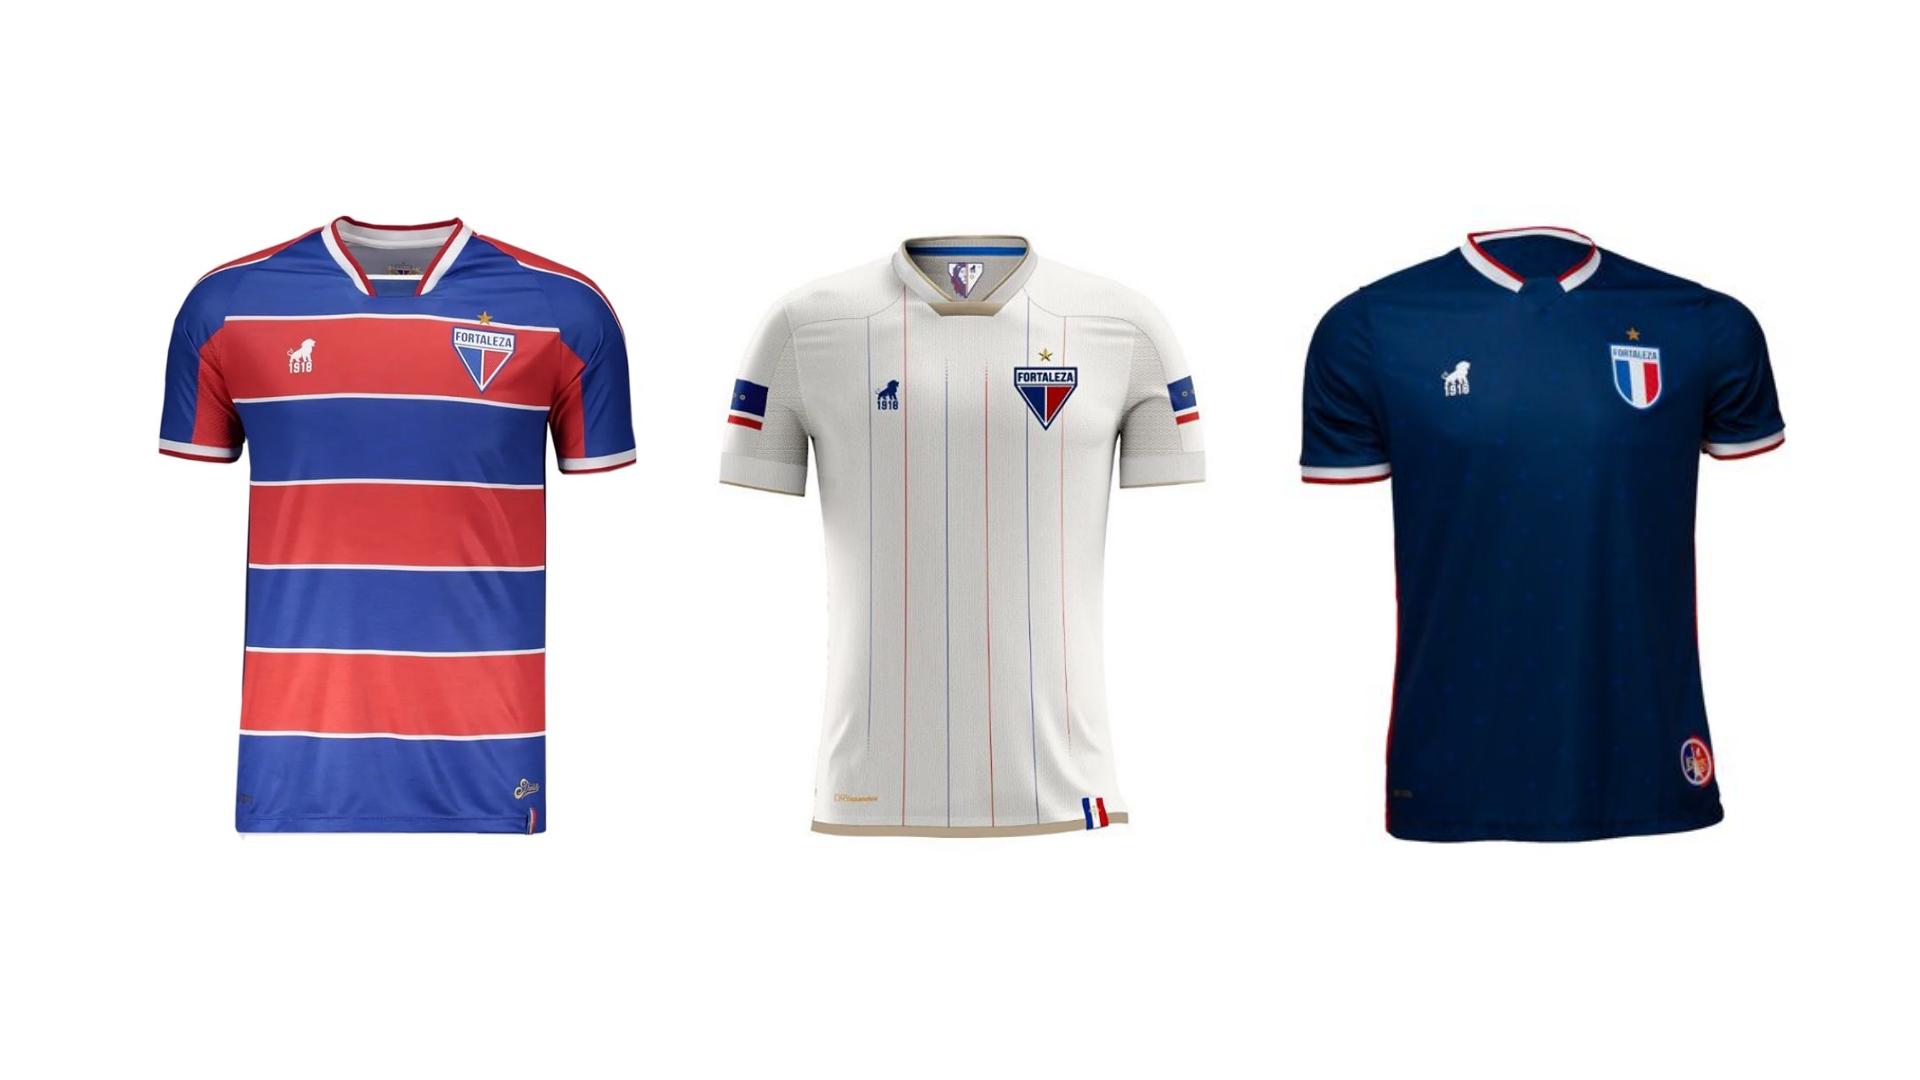 Camisa do Fortaleza 2020 Leão 1918 Jogo 1, 2 e 3 (Imagem: Divulgação/Leão 1918)